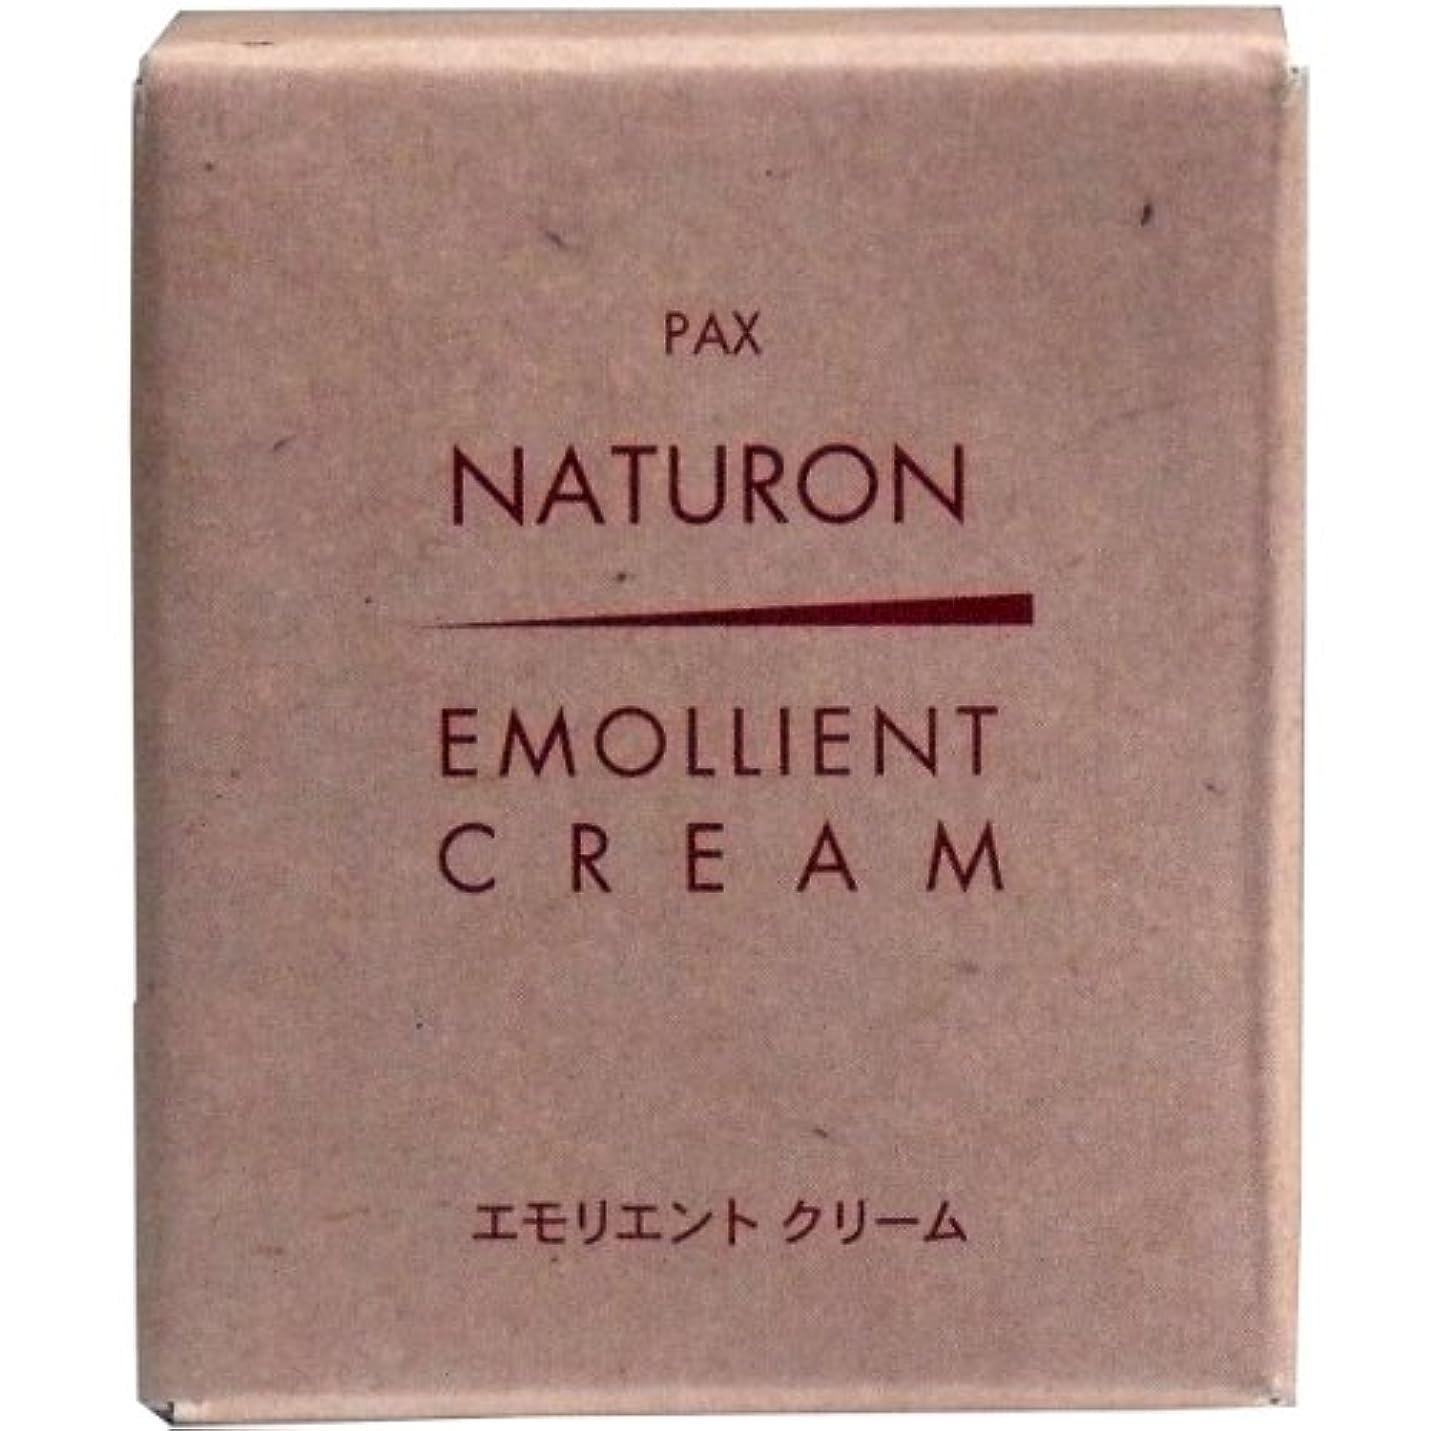 浮く特権または【セット品】パックスナチュロン エモリエントクリーム (保湿クリーム) 35g ×3個